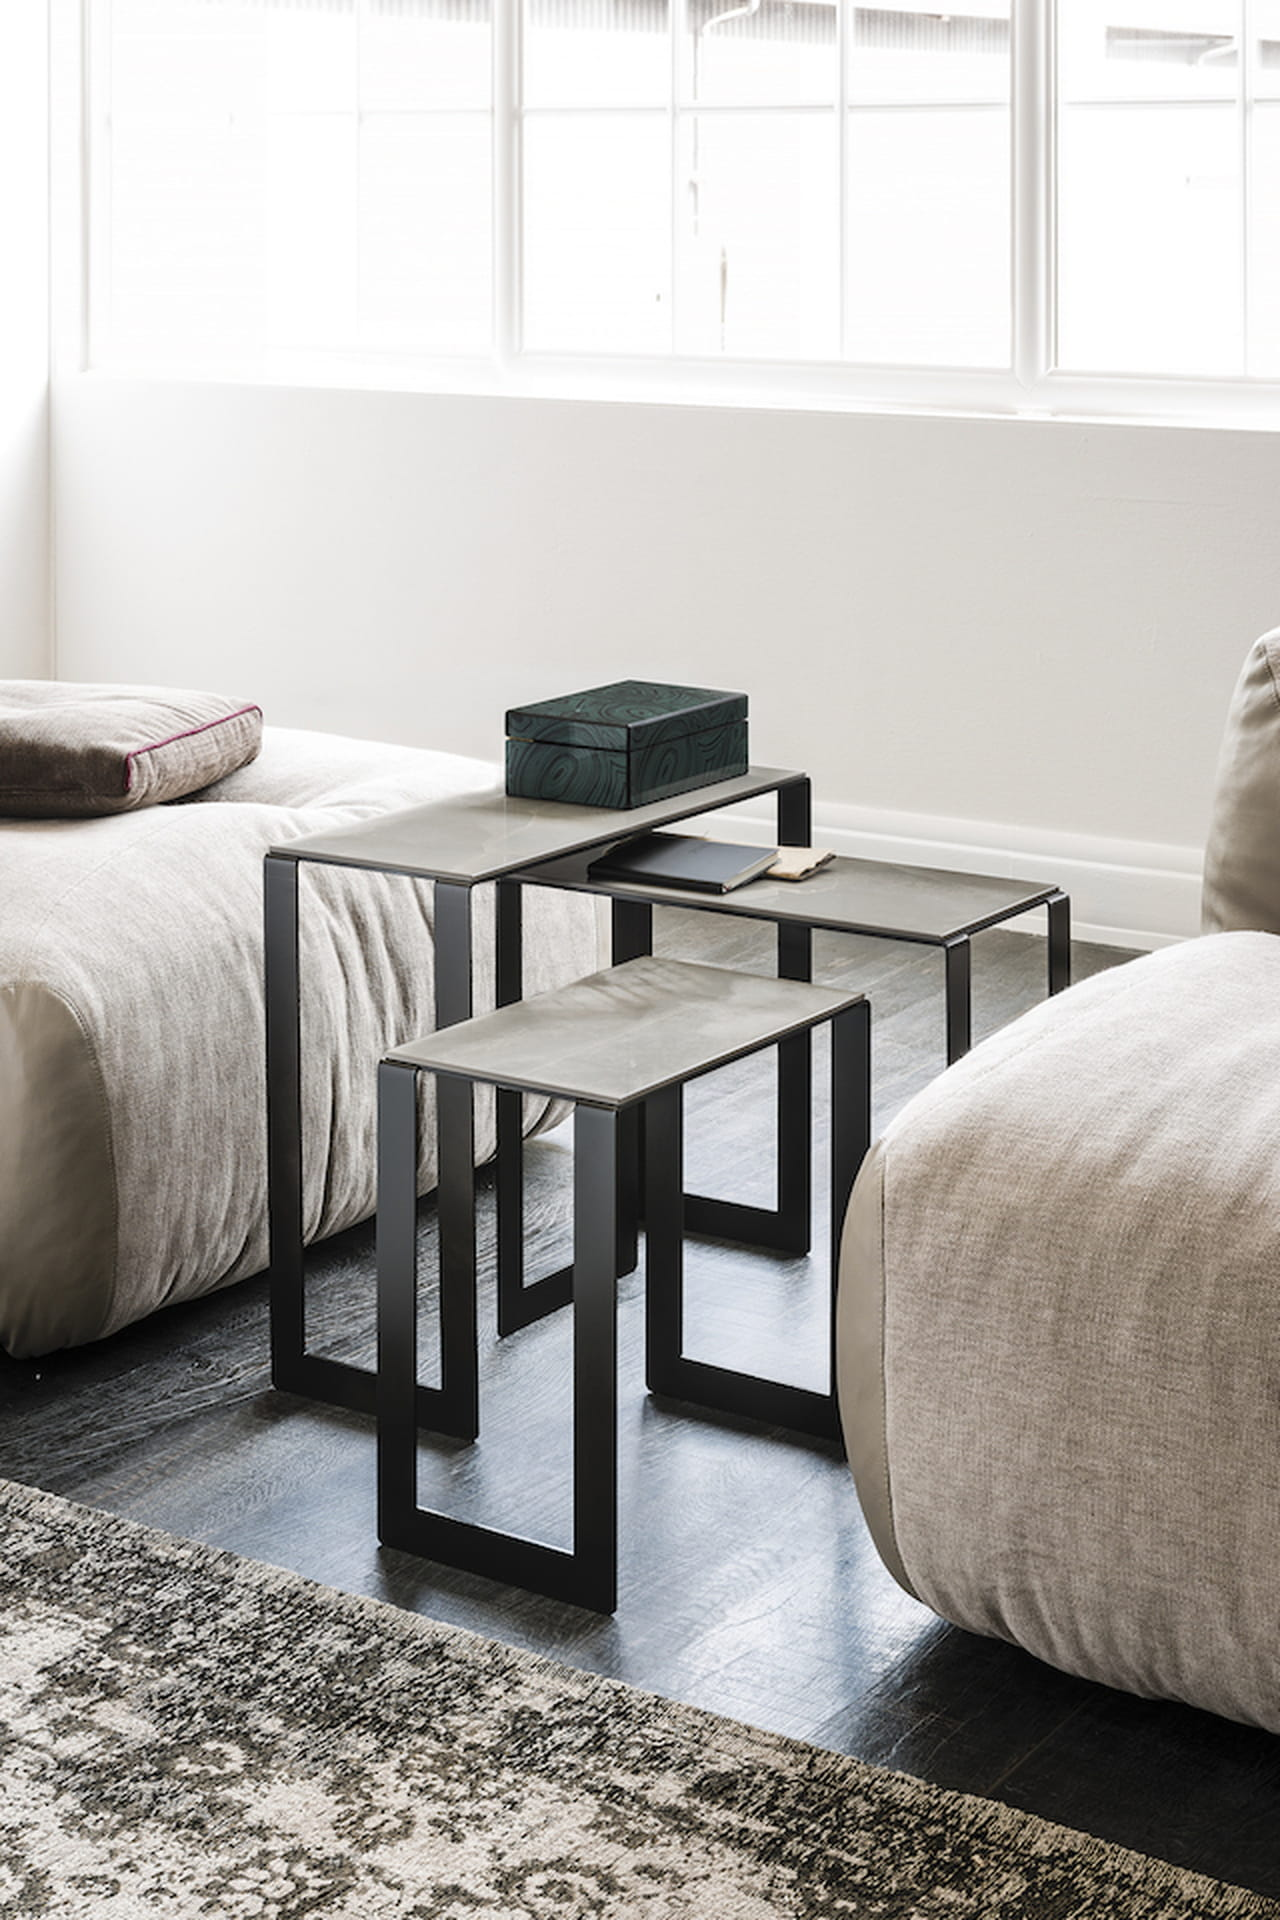 Salotti moderni tavolini mobili e accessori di design for Tavolini di design